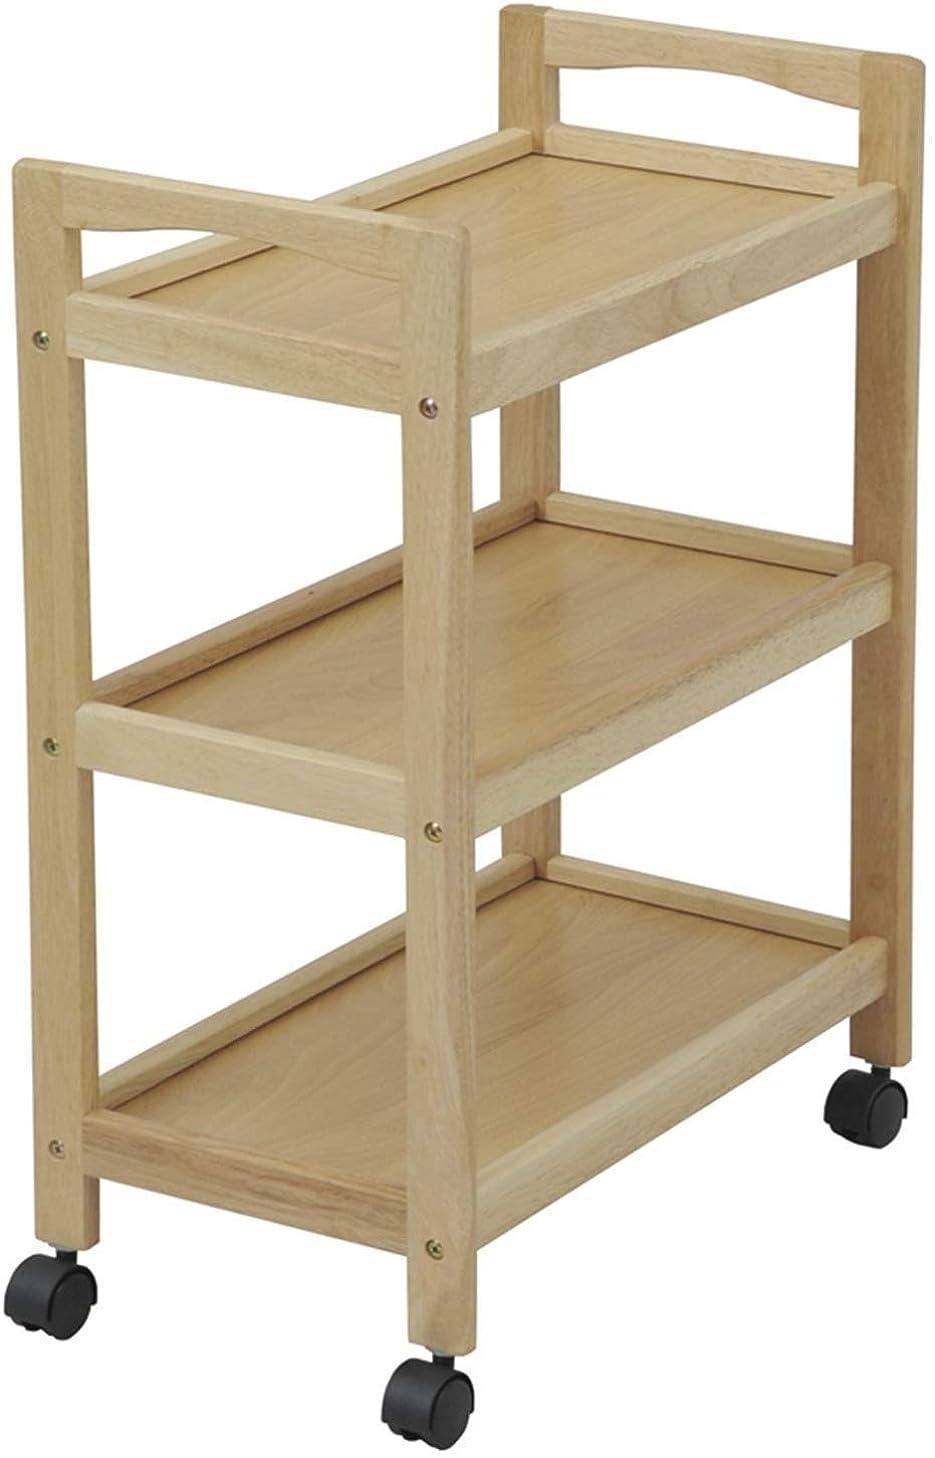 従順シード子羊山善 キッチンワゴン 幅30.5×奥行53.5×高さ72.5cm 3段 スリム 木製 組立品 ナチュラル BNN-3M(NA)